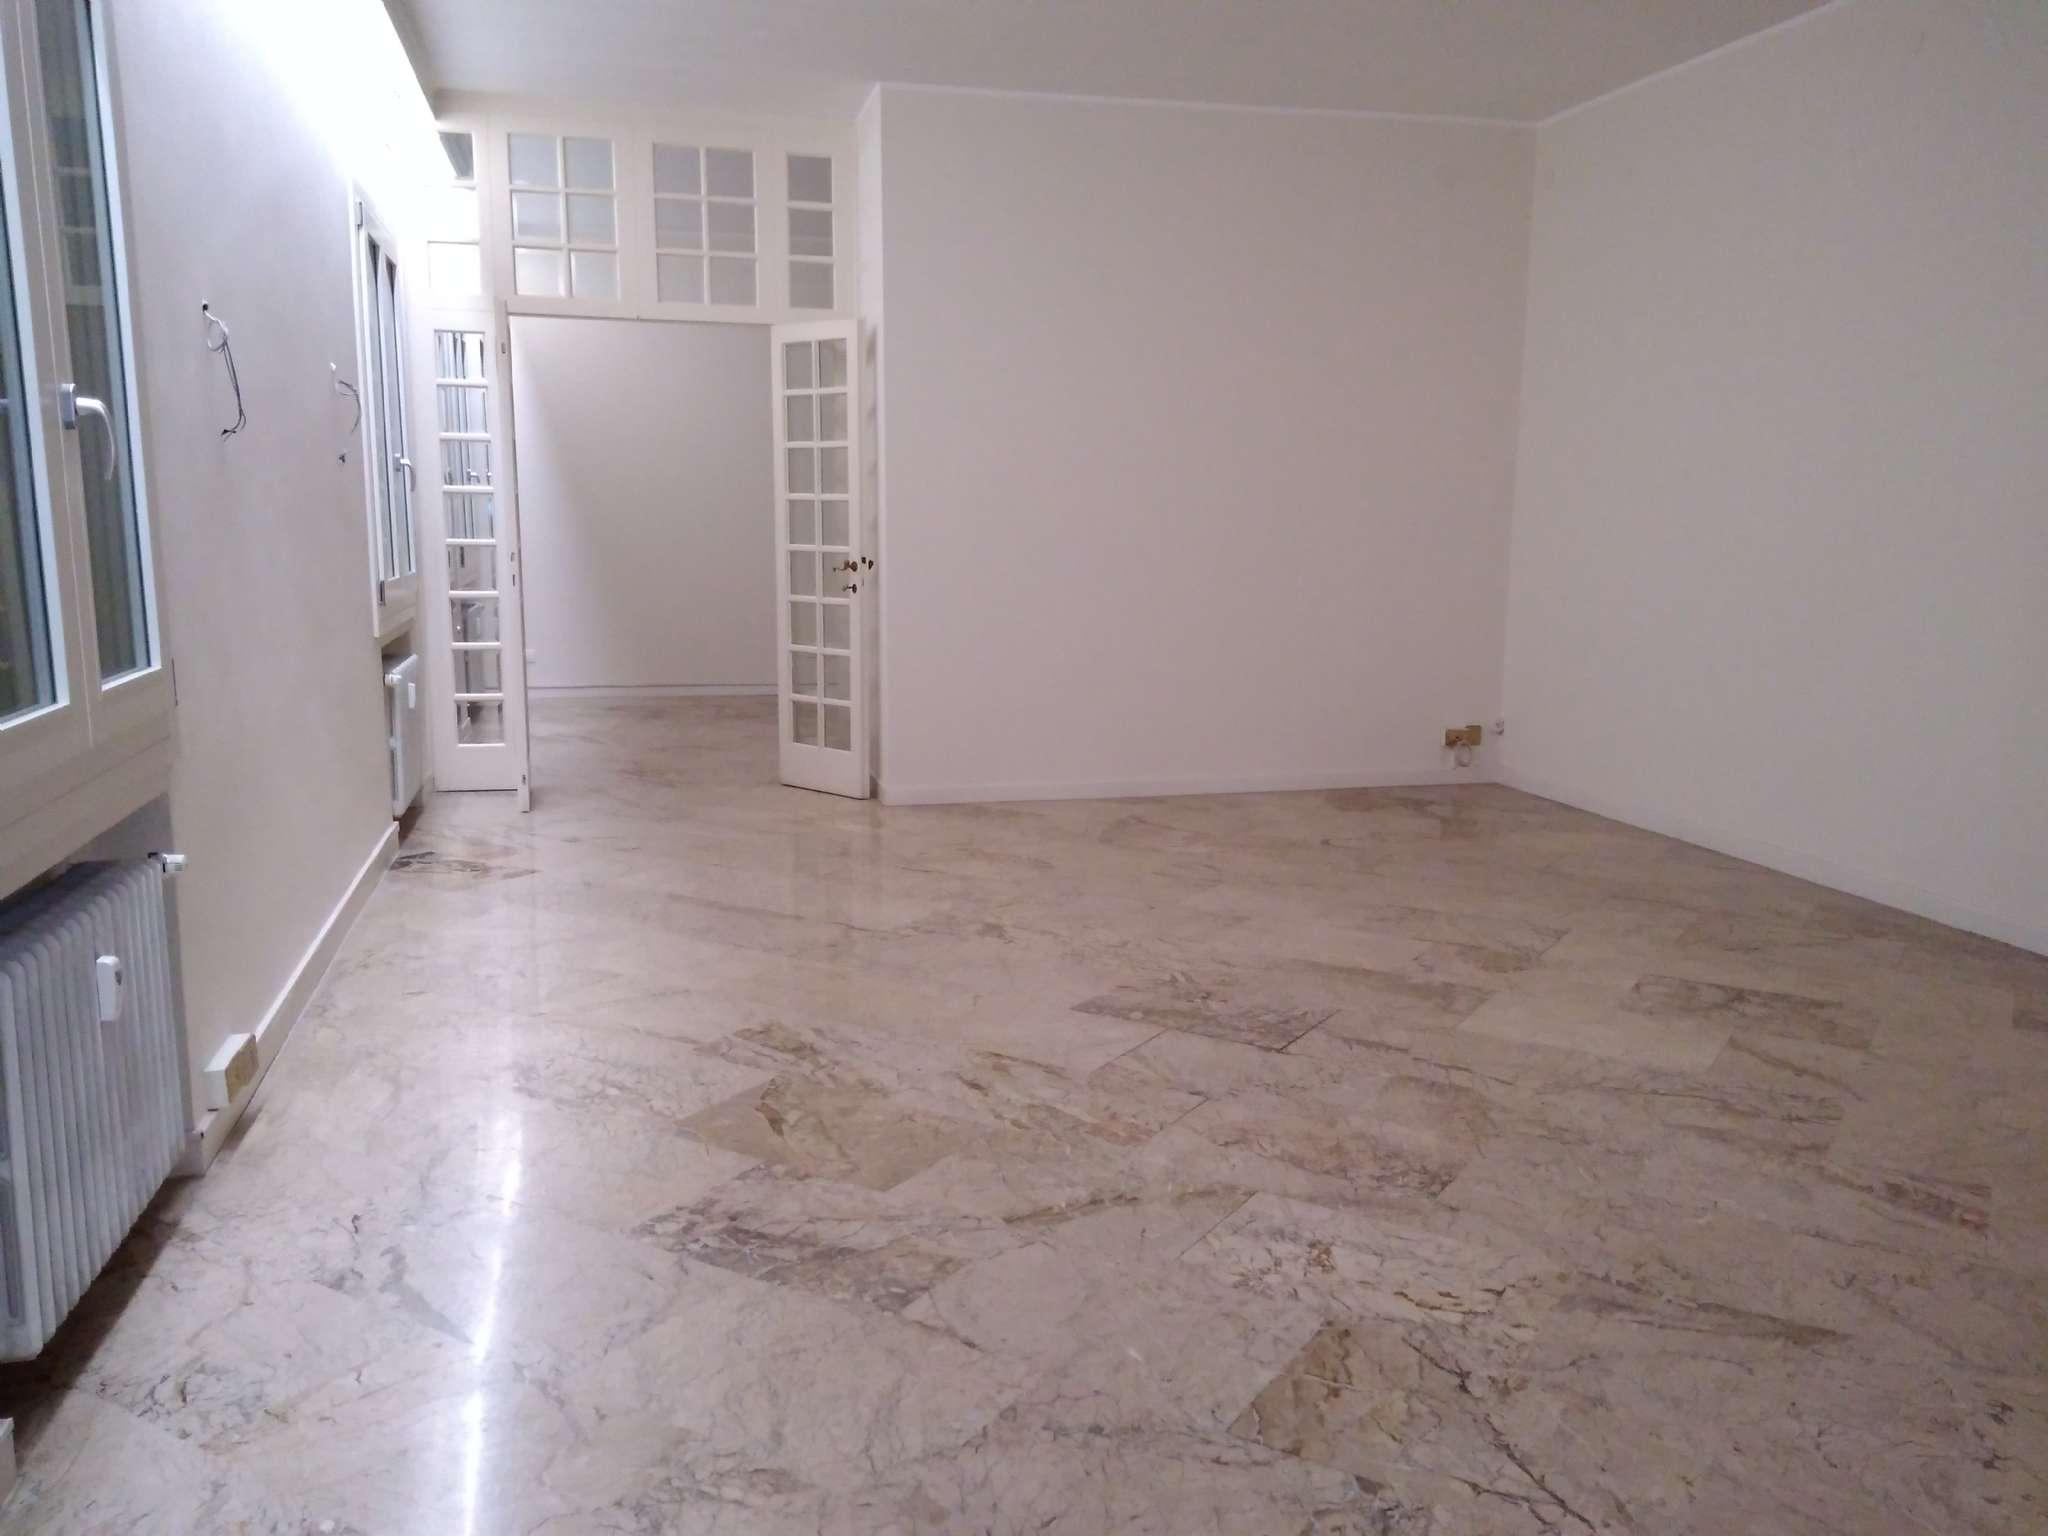 Appartamento in vendita a Padova, 6 locali, zona Centro, prezzo € 595.000   PortaleAgenzieImmobiliari.it